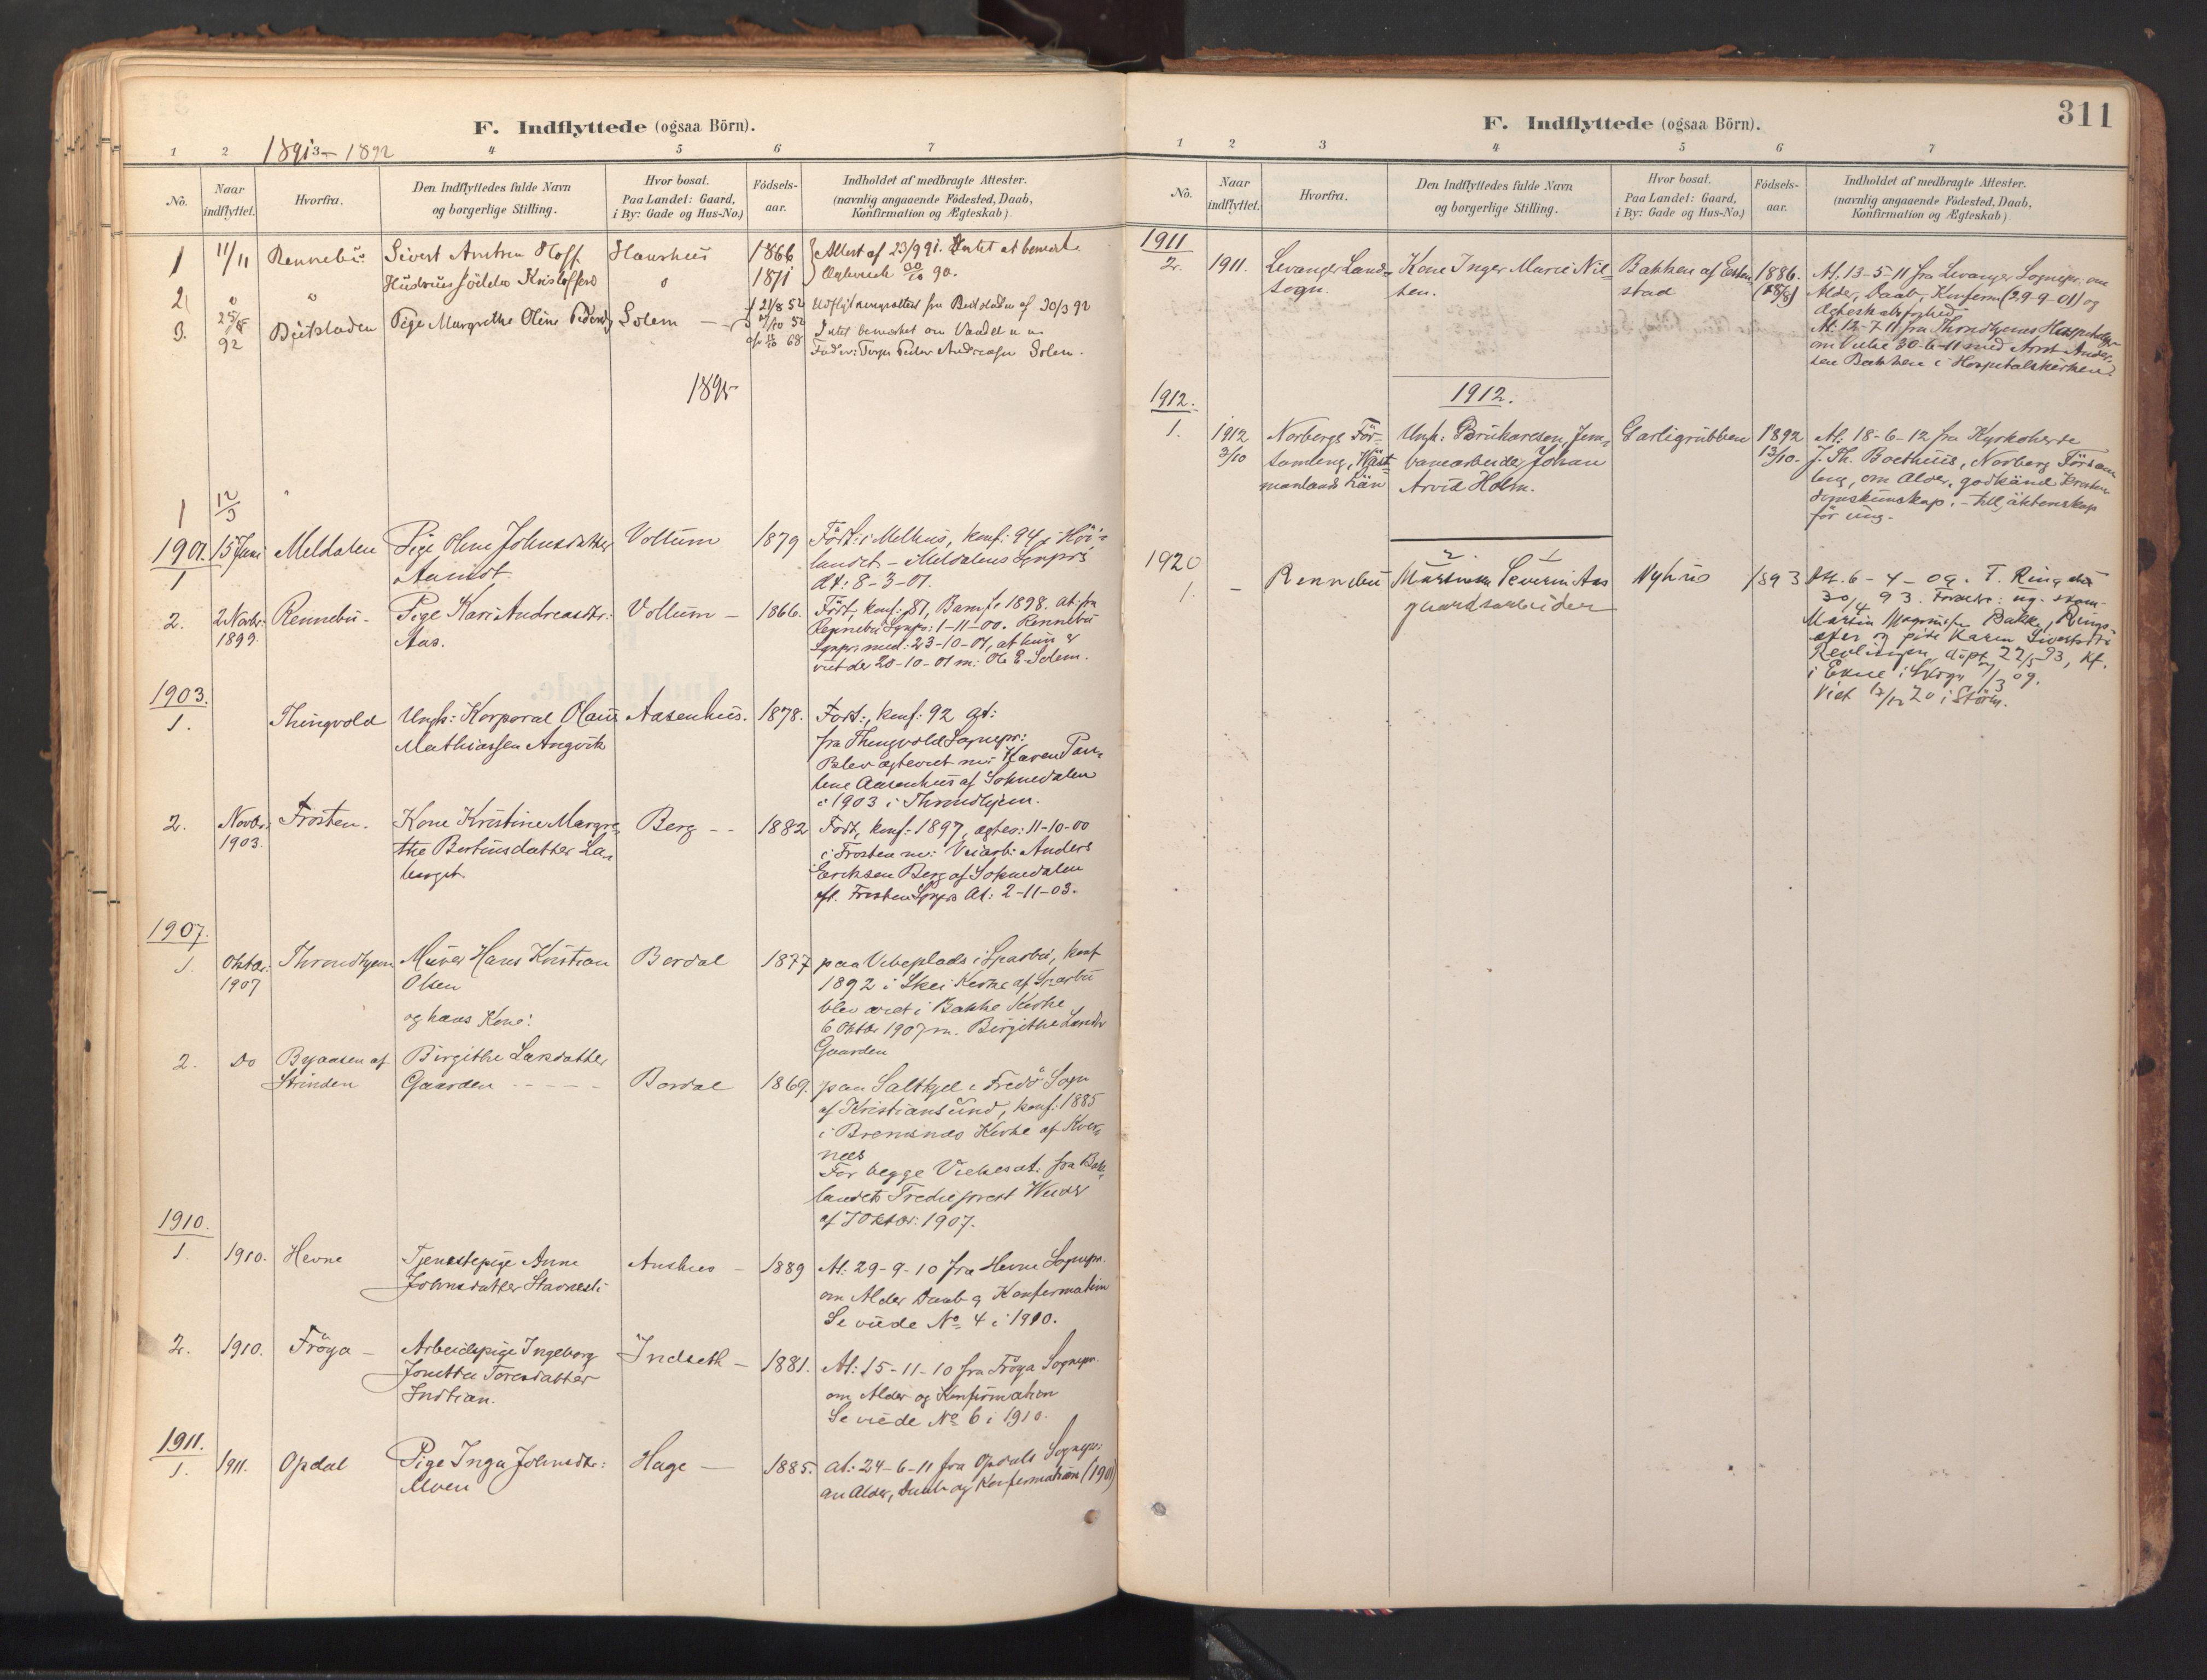 SAT, Ministerialprotokoller, klokkerbøker og fødselsregistre - Sør-Trøndelag, 689/L1041: Ministerialbok nr. 689A06, 1891-1923, s. 311